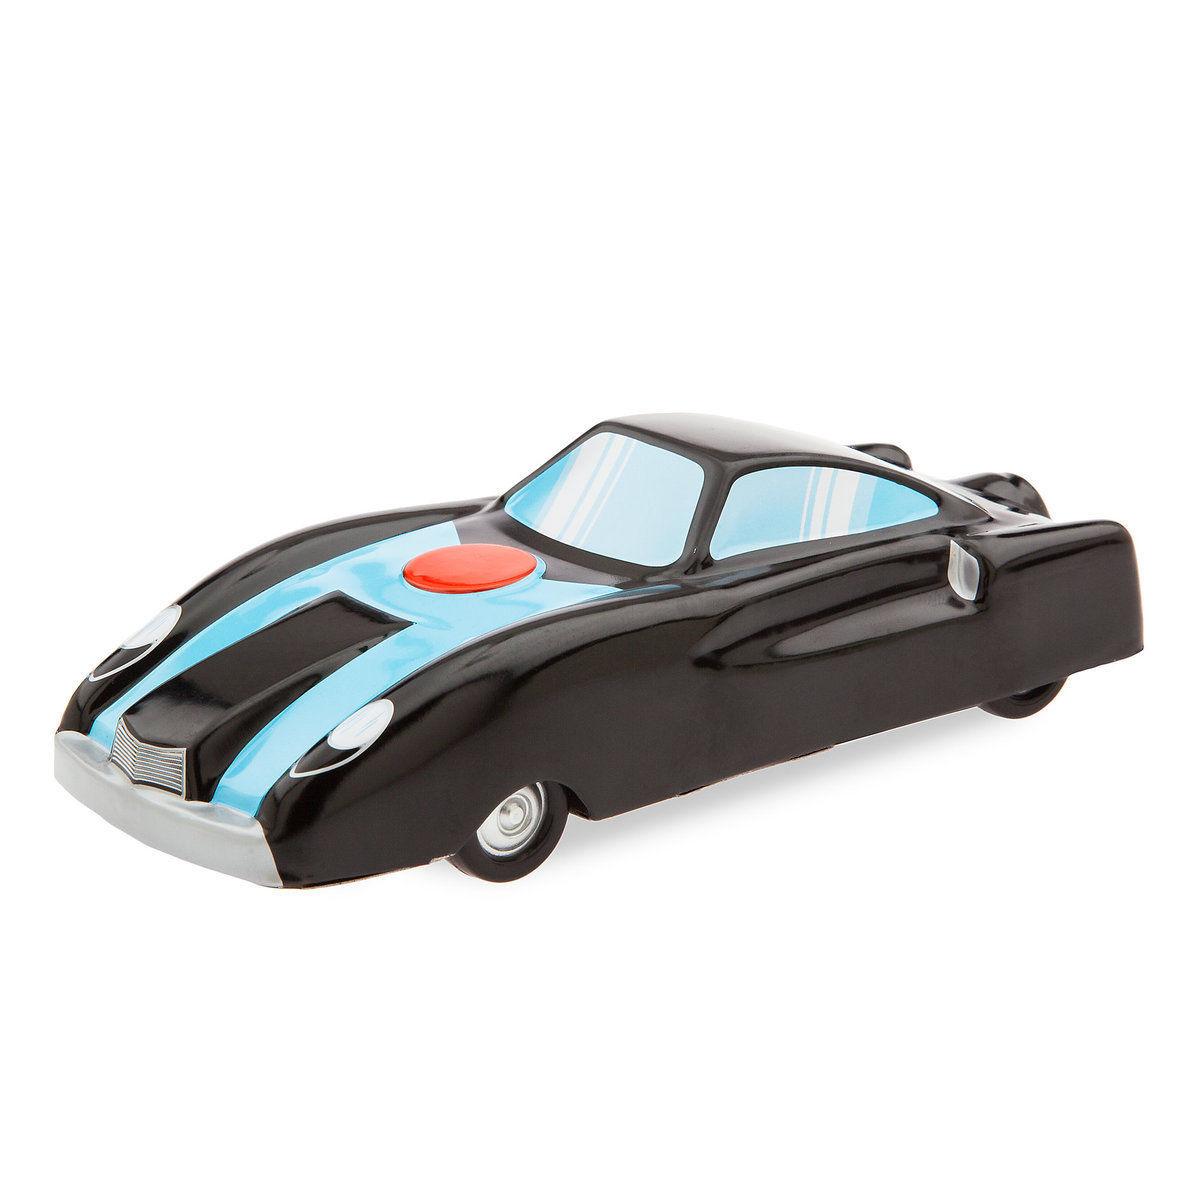 インクレディブル・ファミリー ティン・プルバックカー  The Incredibile Tin Pullback Car